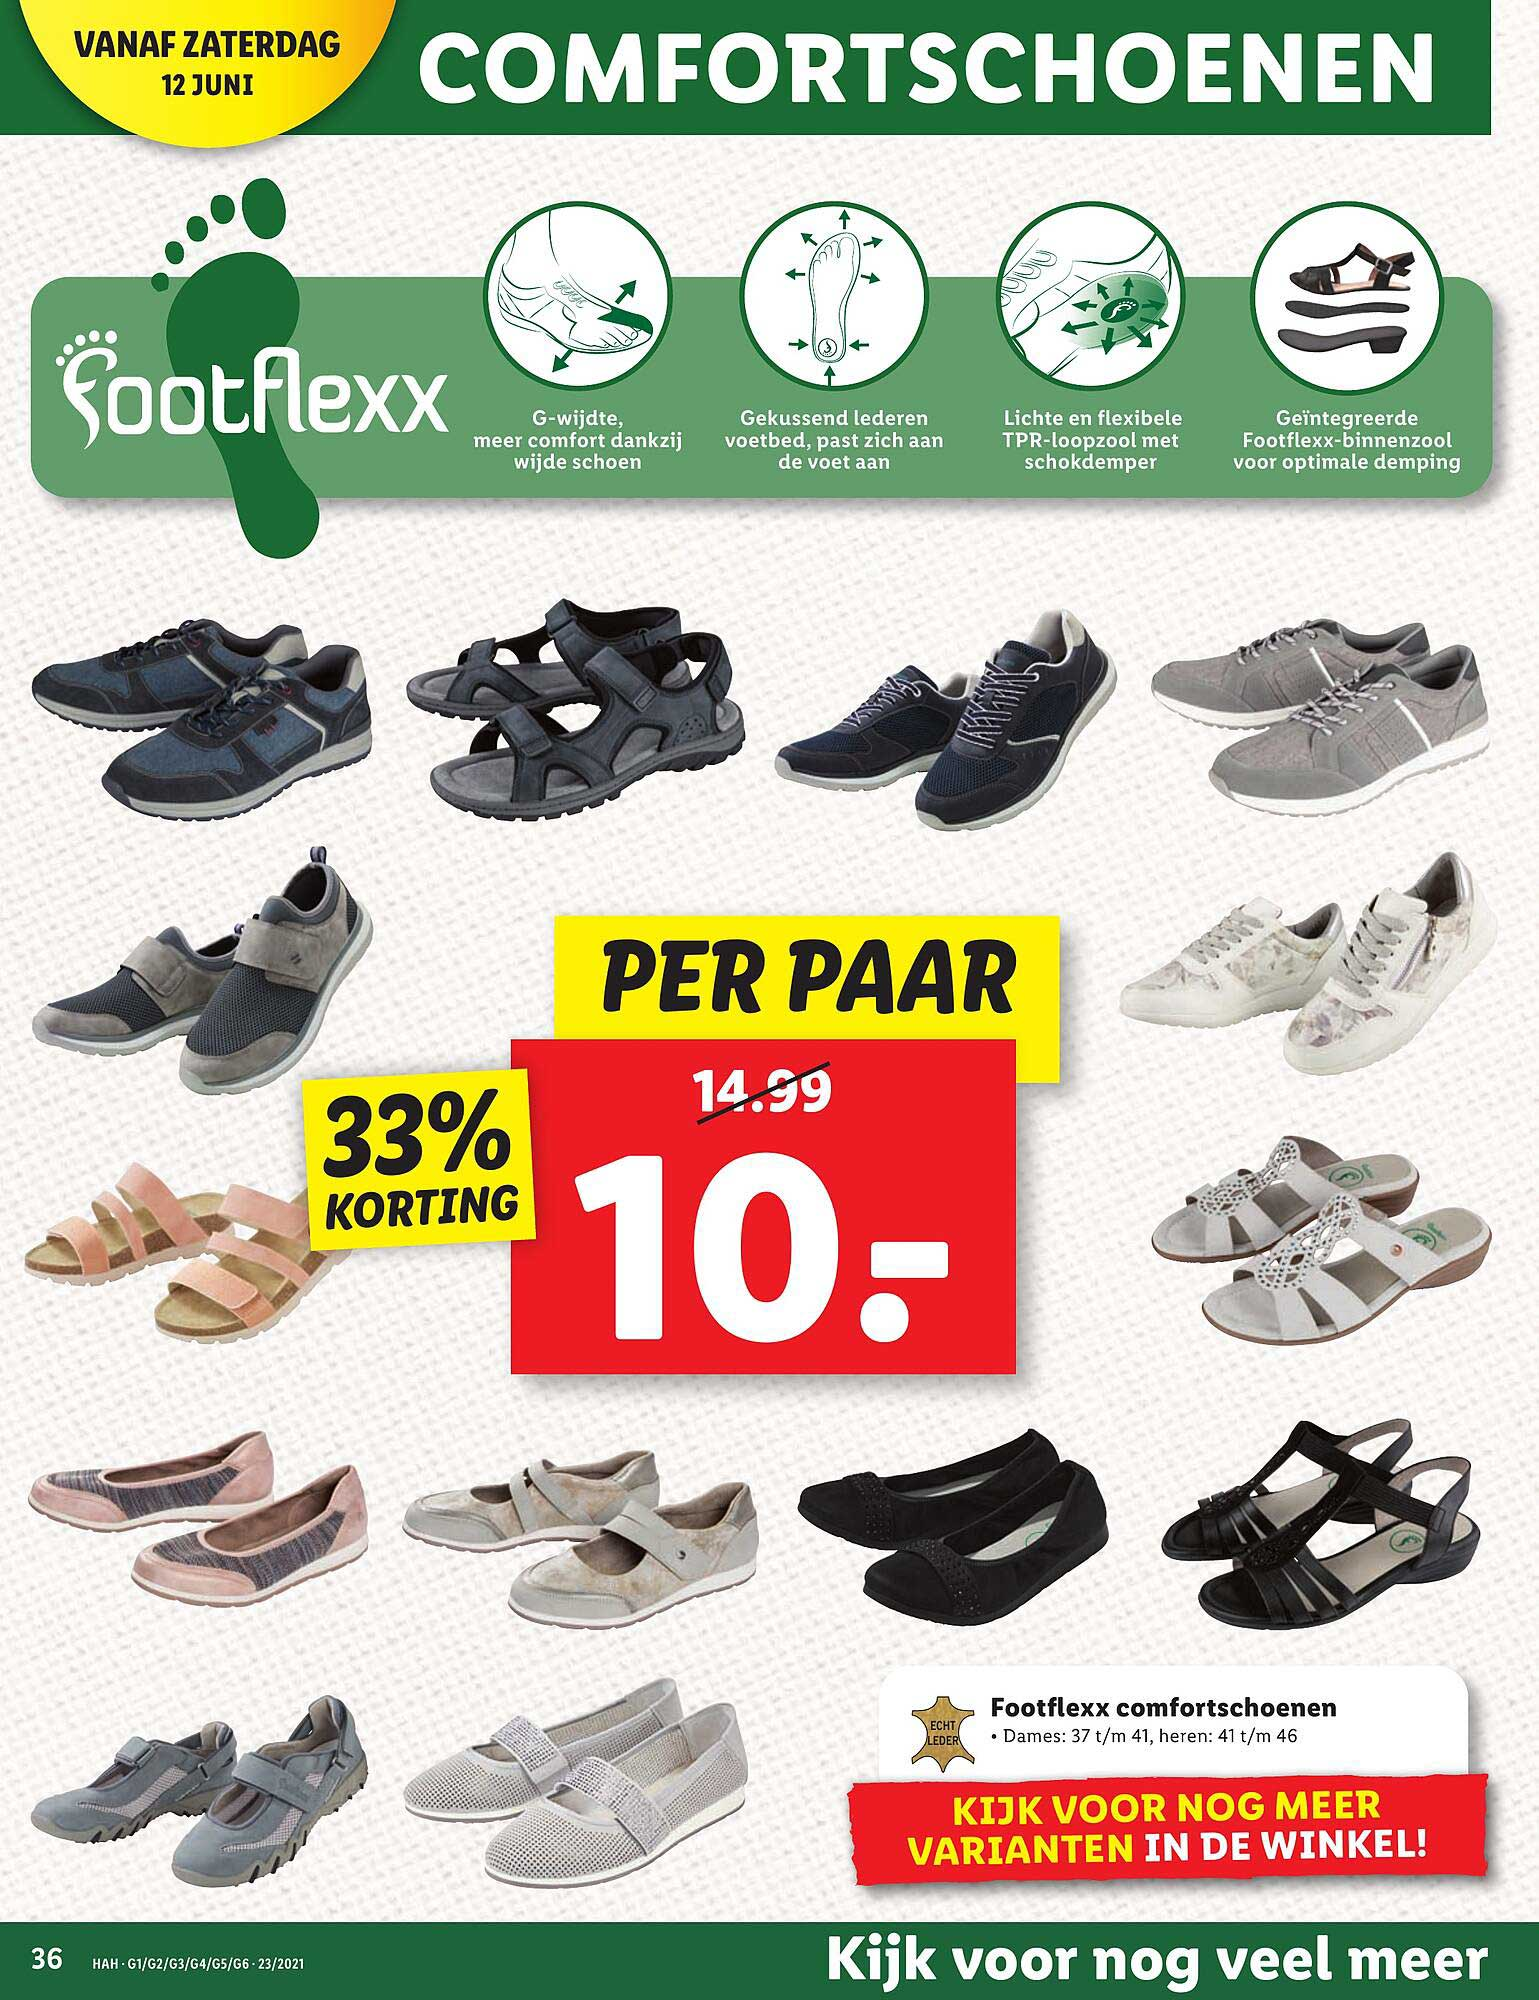 Lidl Footflexx Comfortschoenen 33% Korting